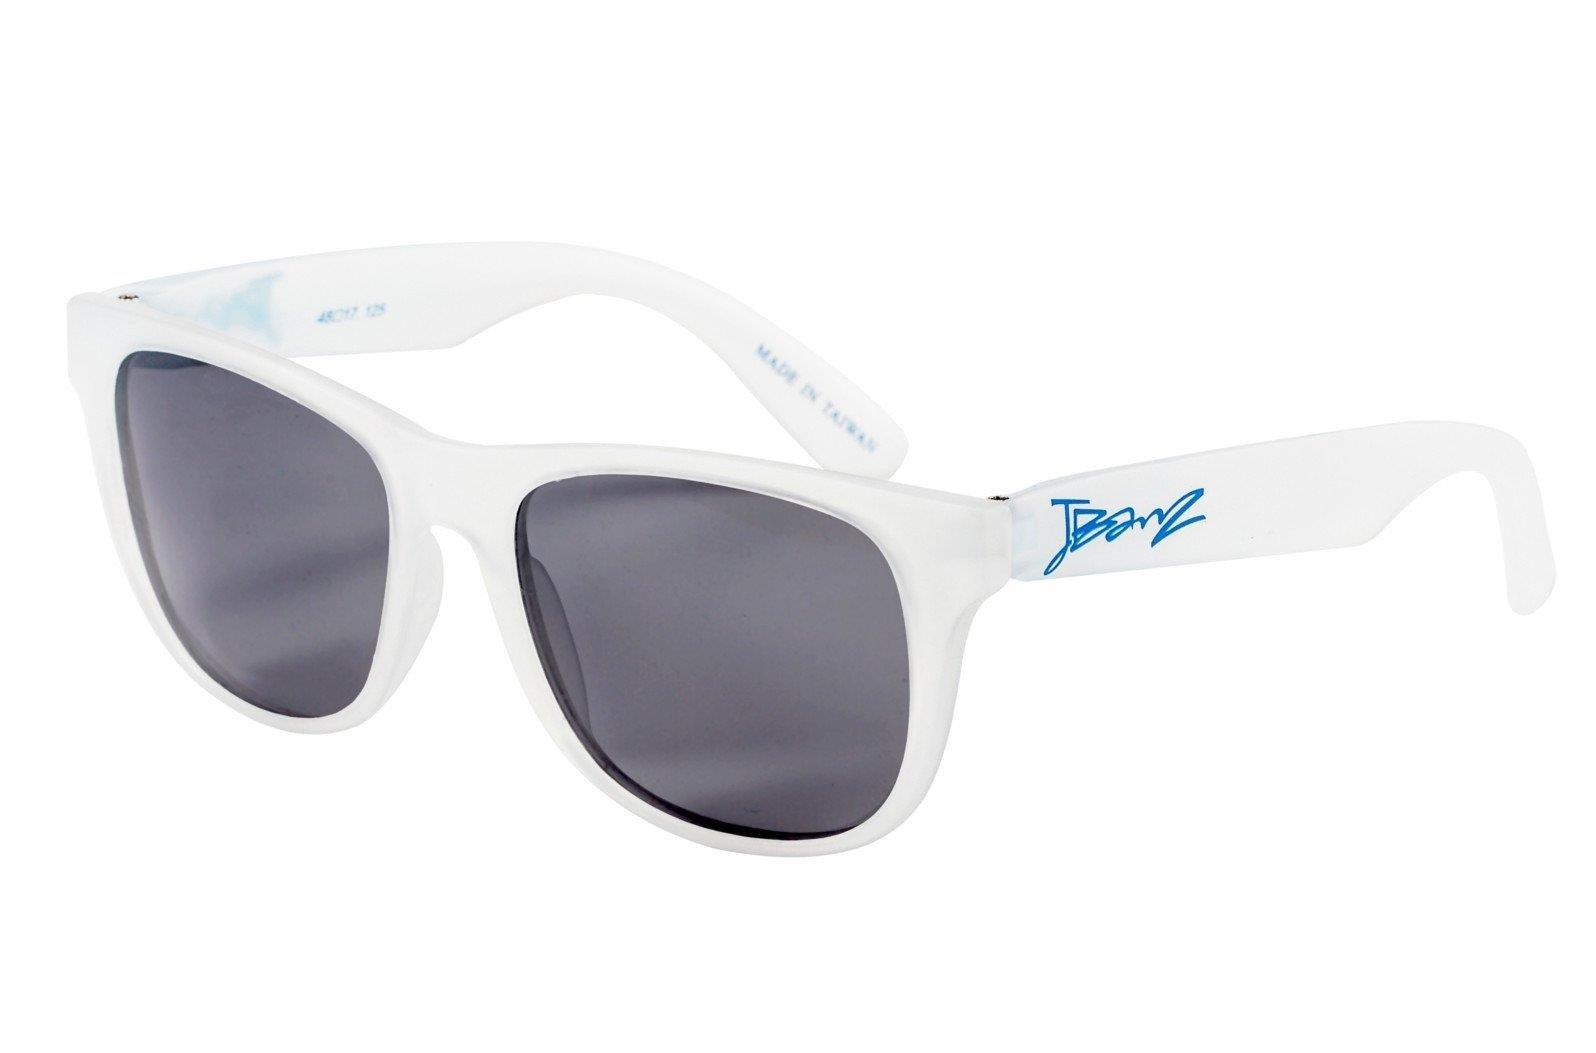 Okulary przeciwsłoneczne dzieci 4 10lat kameleon BANZ